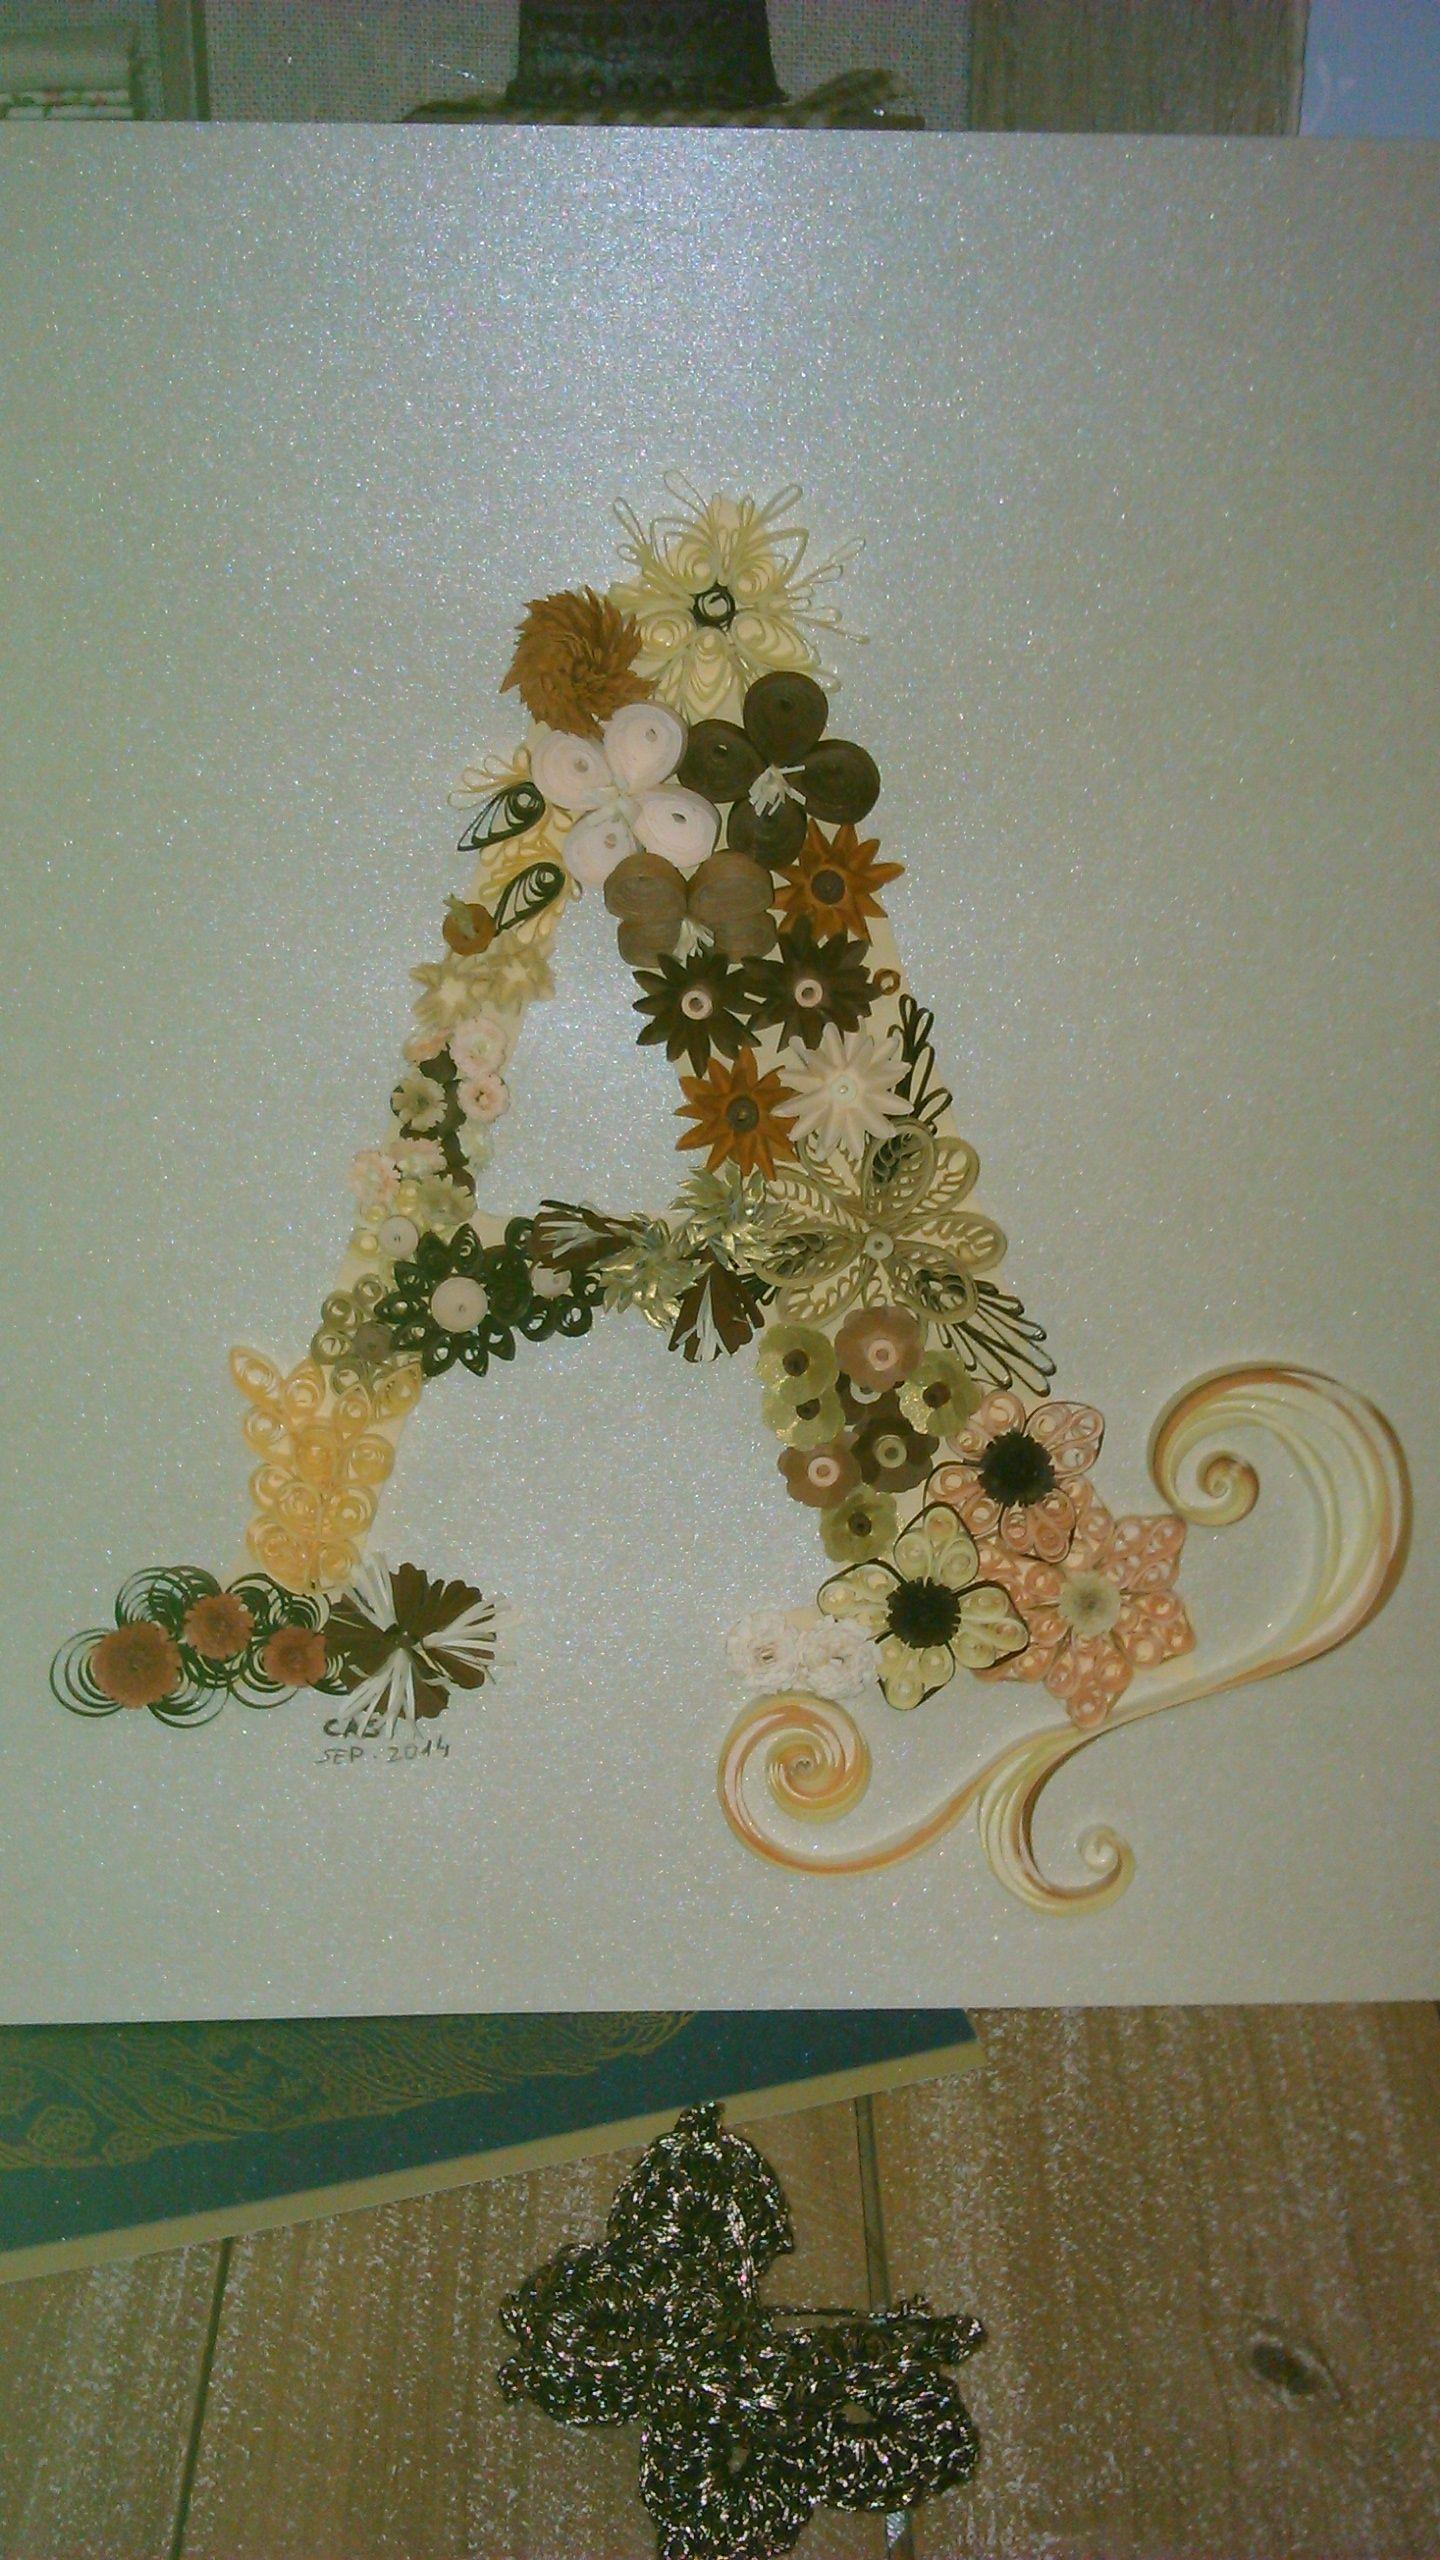 Asombroso Arte De Uñas De Filigrana Imágenes - Ideas Para Pintar ...